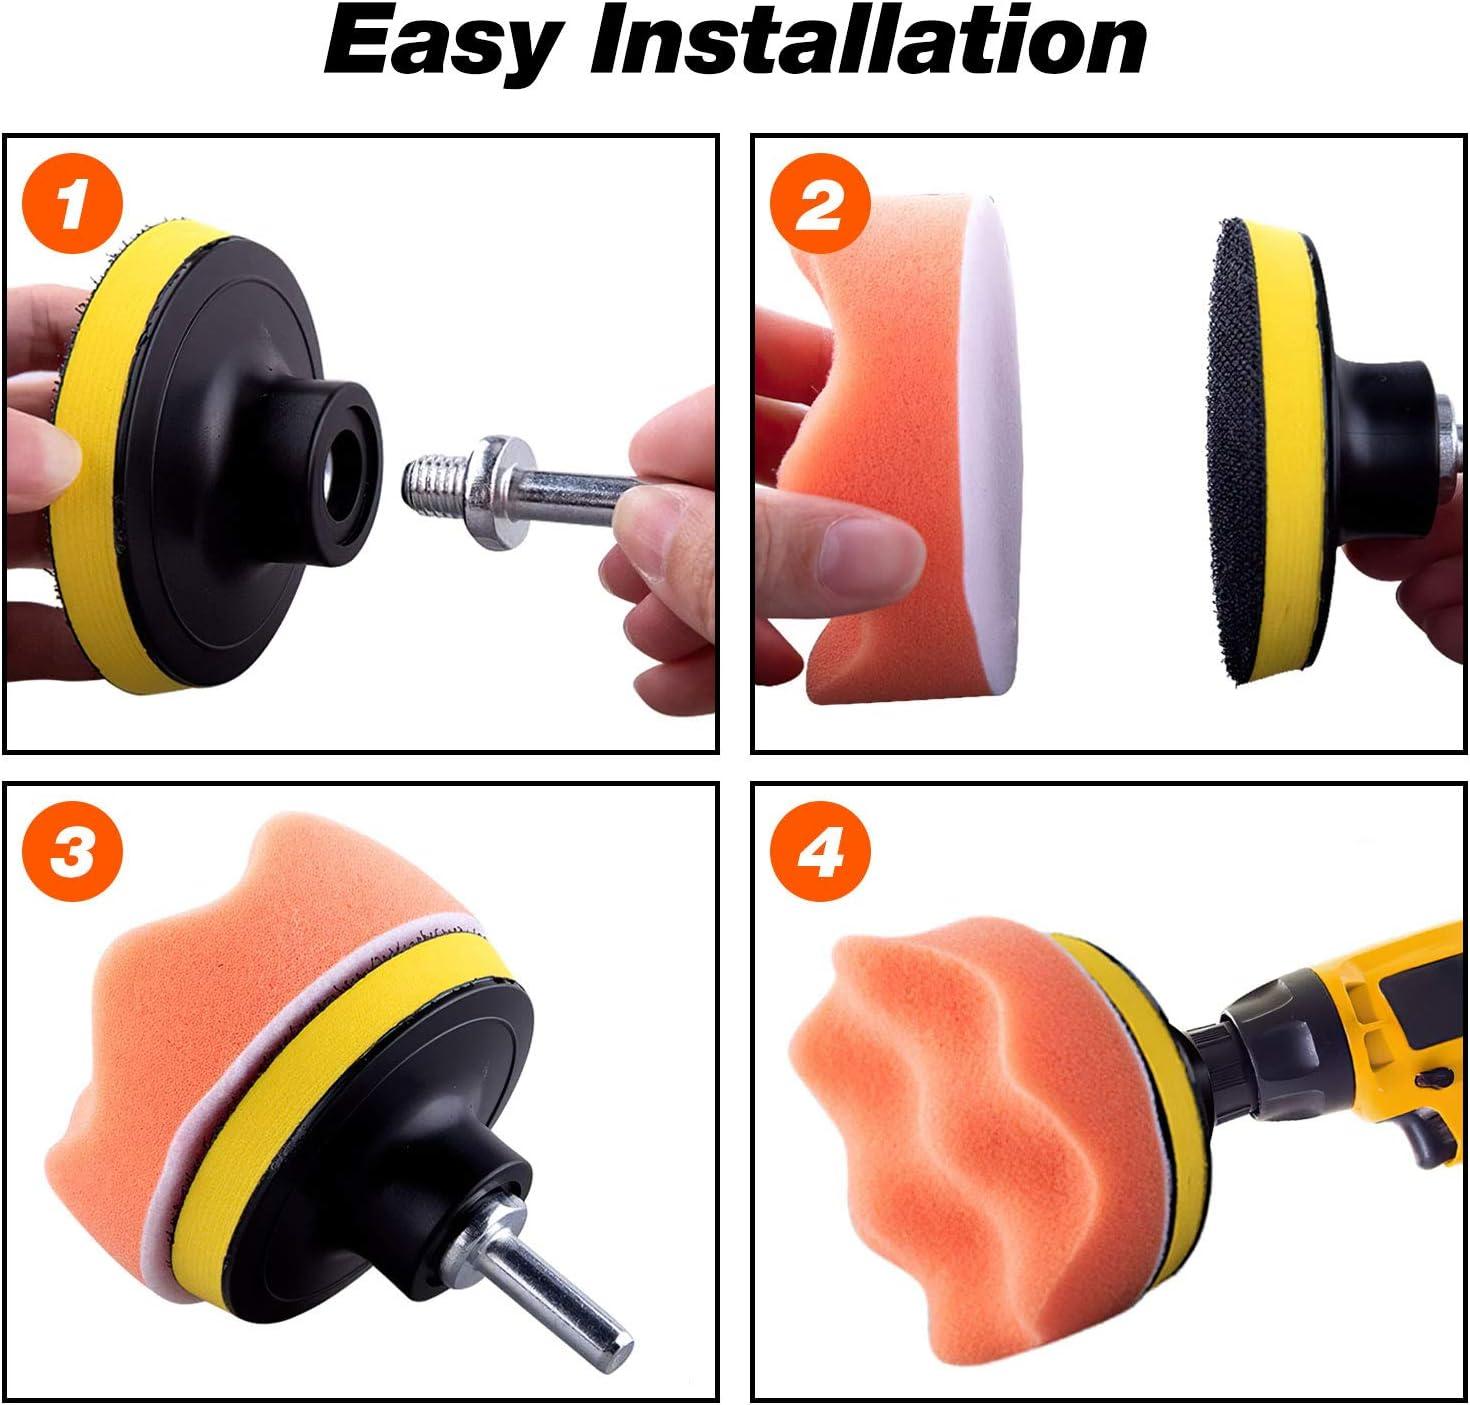 adaptador de taladro M14 para pulidora de autom/óviles 3 Inch+M10 Drill Kit de almohadillas de pulido de 31 piezas glaseado de sellado de pulido encerado almohadillas de pulido de espuma pulidora